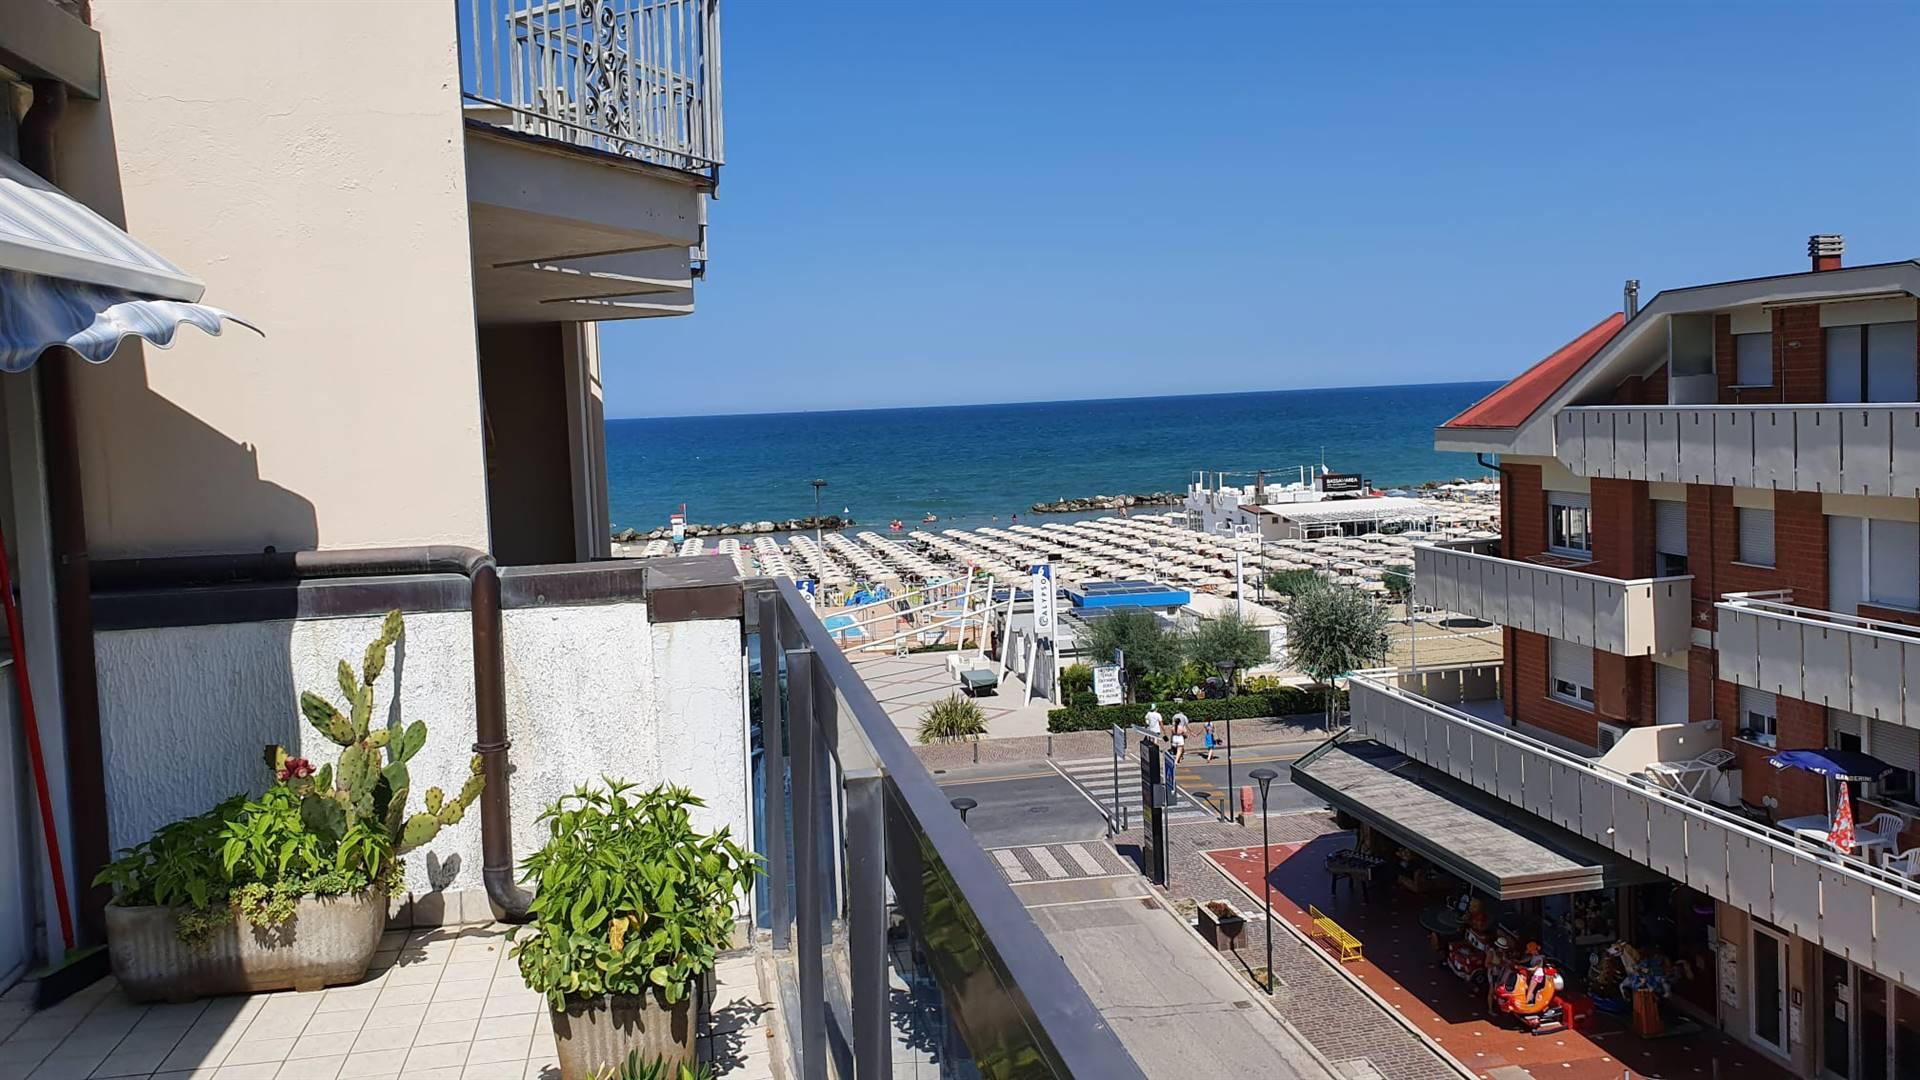 A Misano Brasile, a 30 metri reali dalla spiaggia, con la possibilità di sorseggiare un drink guardando il mare, vi proponiamo questo immobile. L'appartamento è un bilocale ottimamente tenuto al